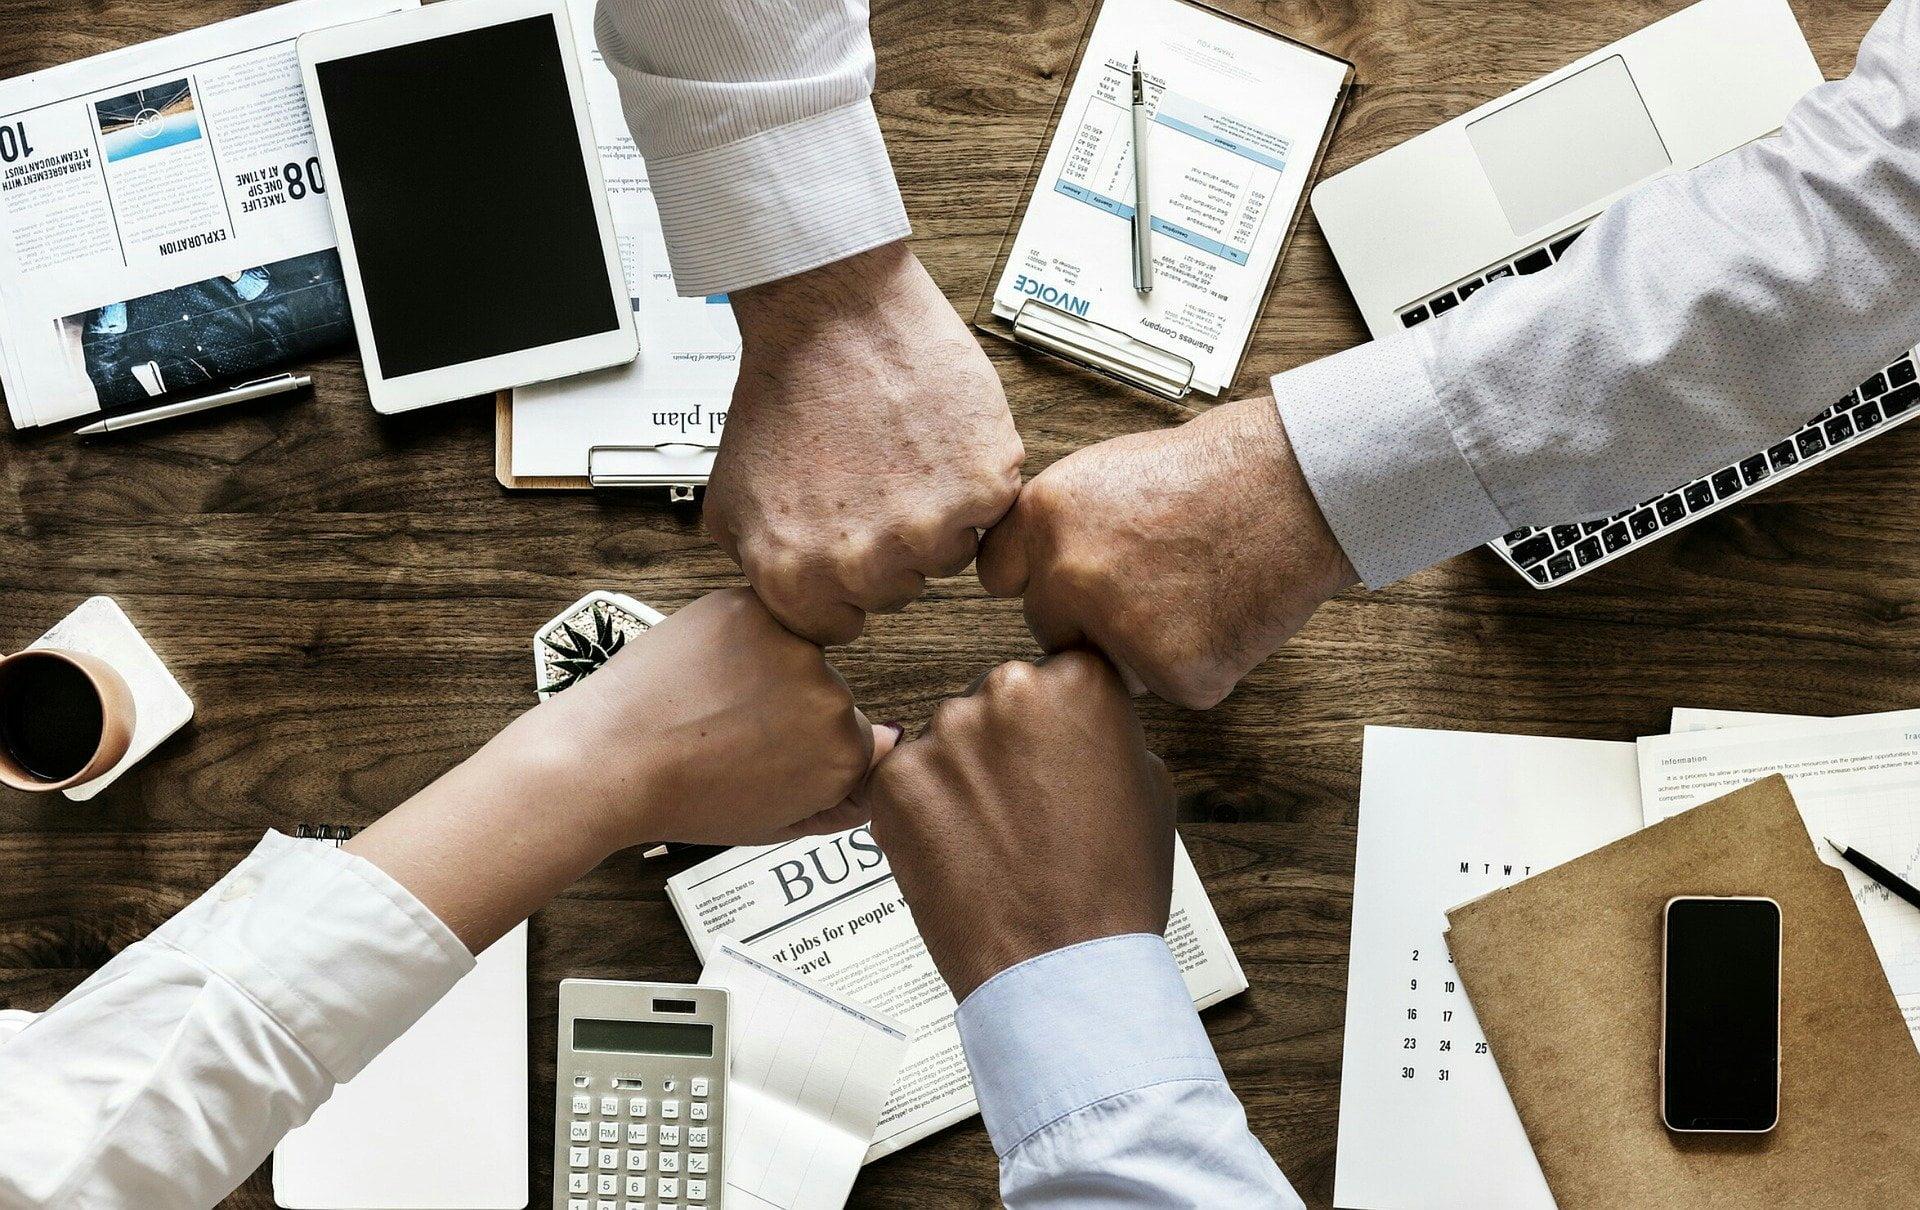 Koronawirus a działalność gospodarcza – pakiet osłonowy dla przedsiębiorców